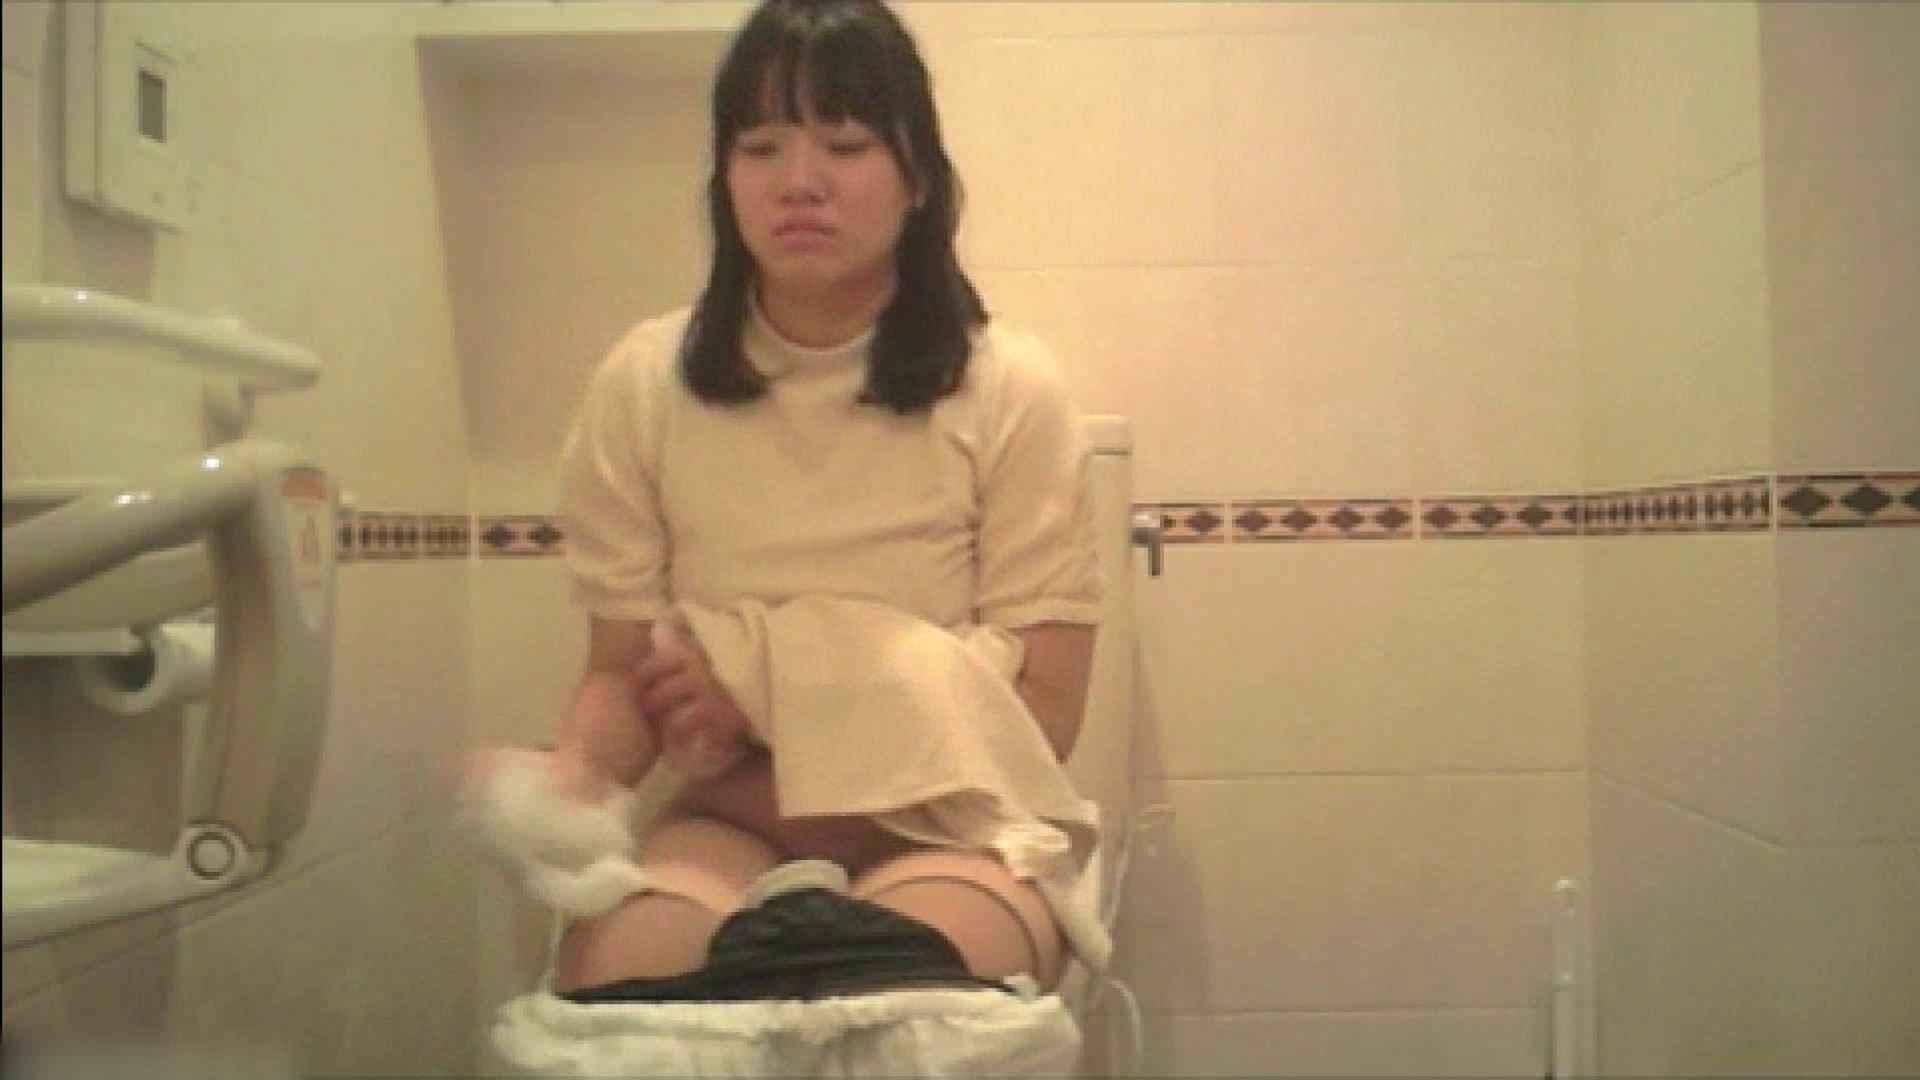 実録!!綺麗なお姉さんのトイレ事情・・・。vol.18 OL  68枚 24